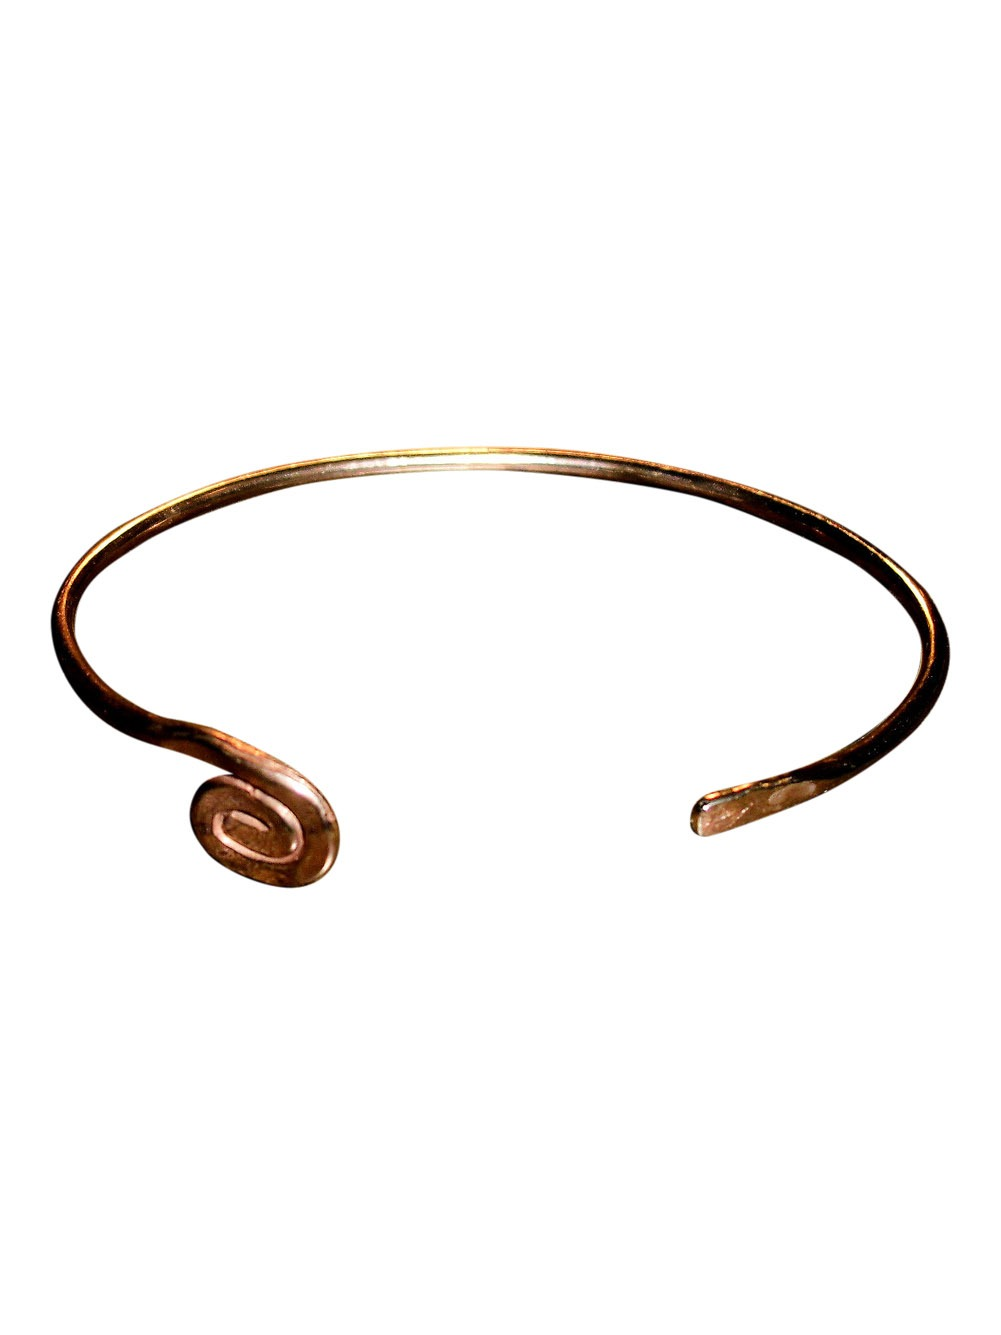 Copper Bracelet - swirl end, flat end